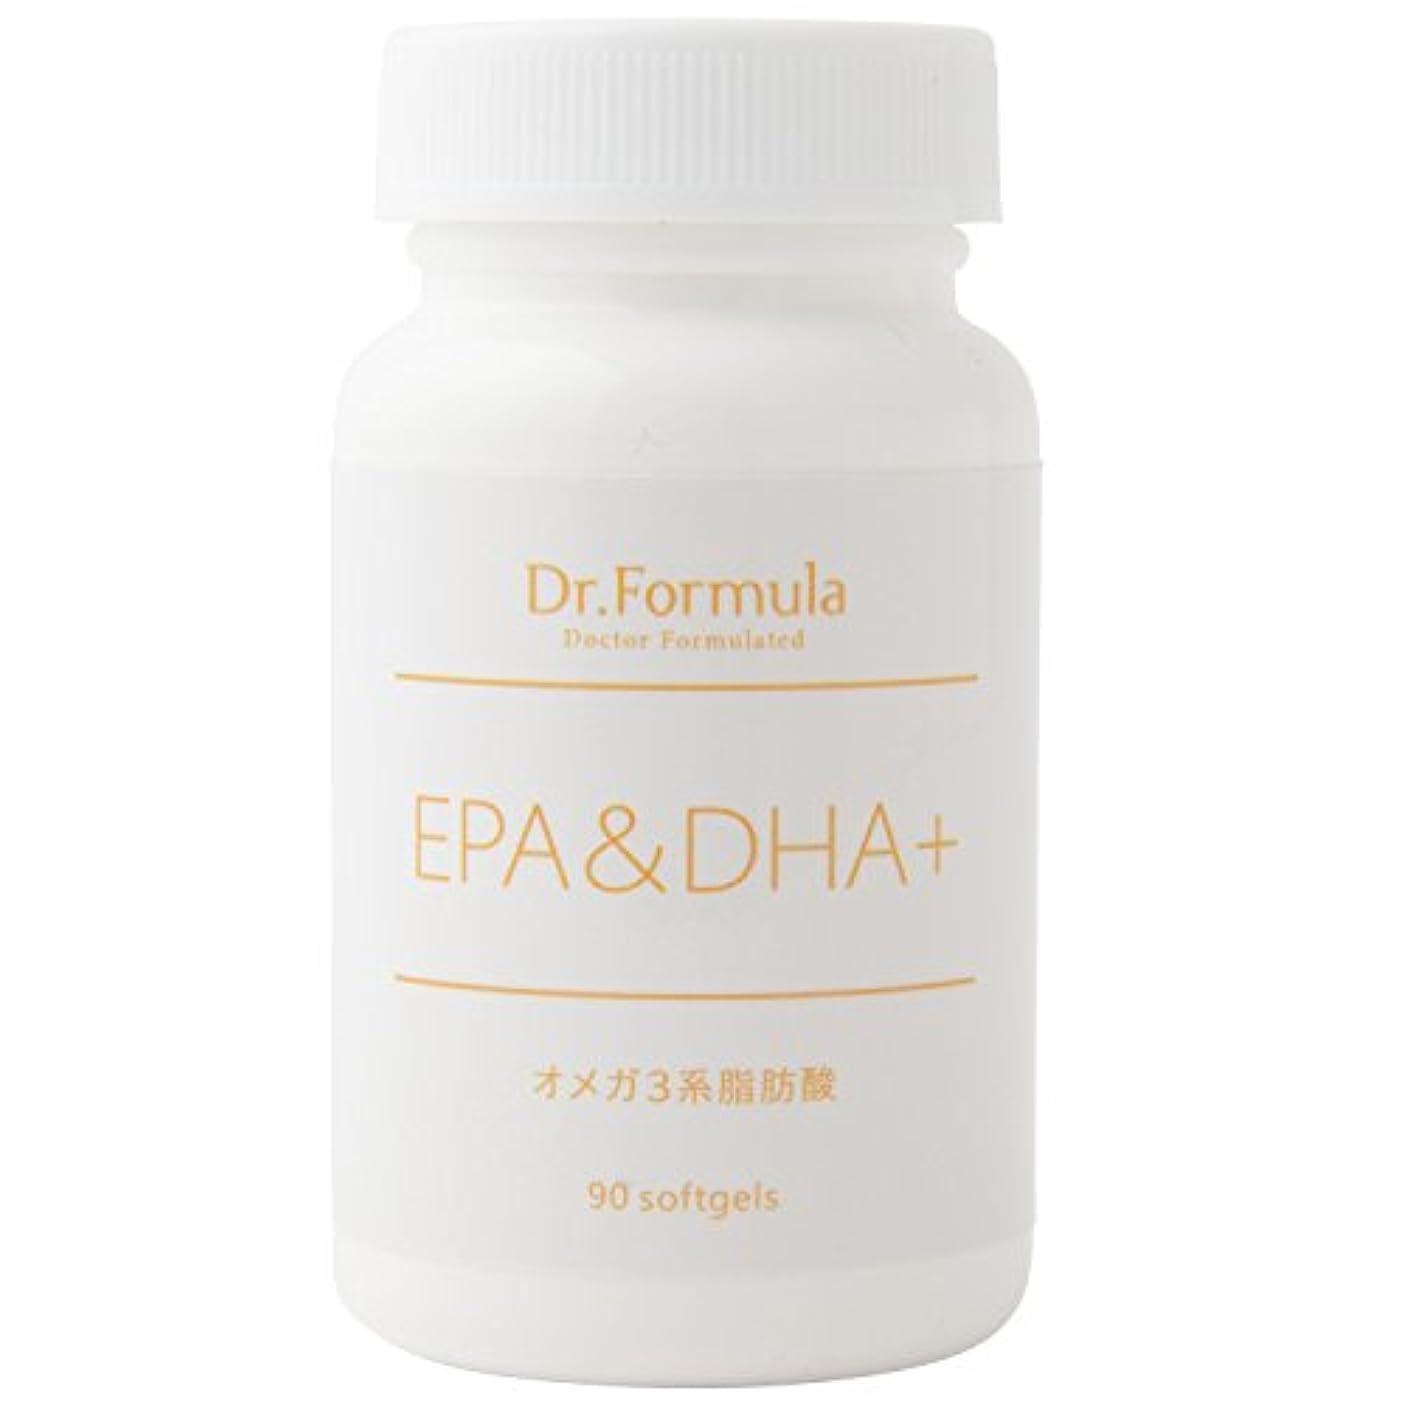 リズムリズムDr.Formula EPA&DHA+(オメガ 3系脂肪酸) 30日分 90粒 日本製 OMEGA3